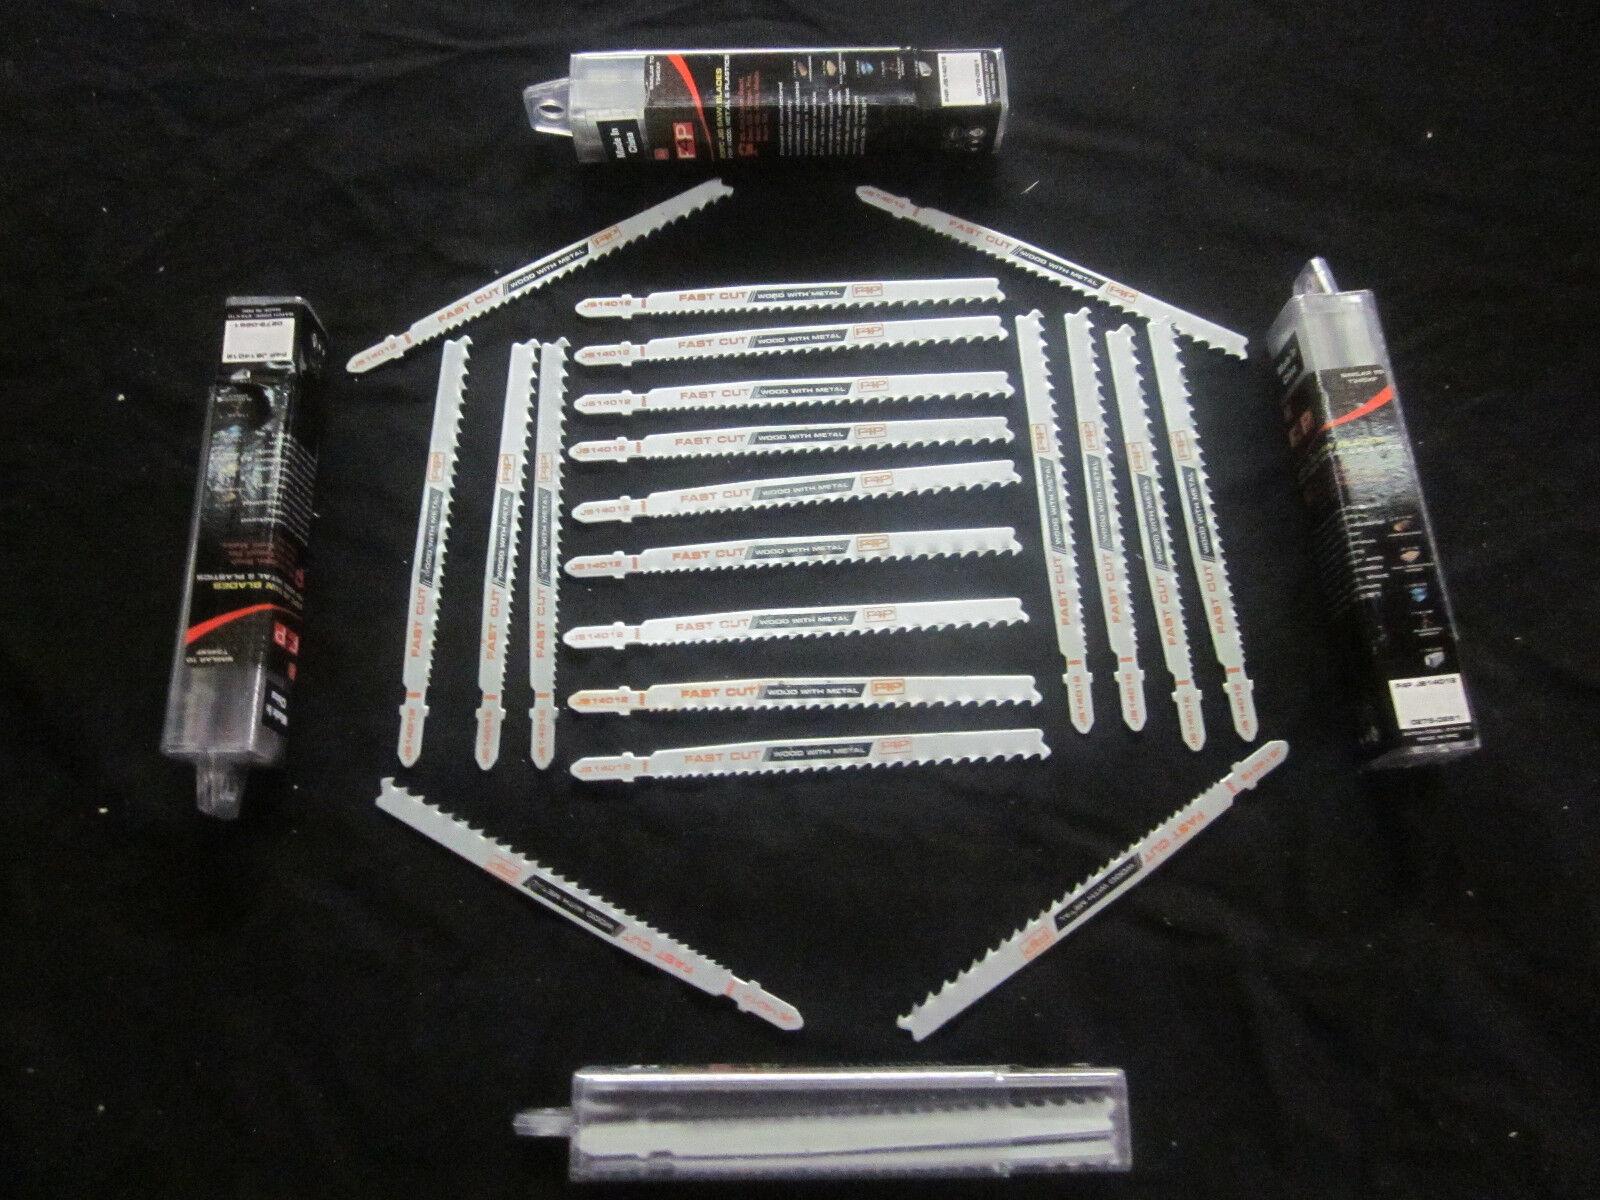 F4P  100  5-1 4  T-SHANK JIGSAW BLADES ALL PURPOSE BOSCH TYPE T345XF BI-METAL